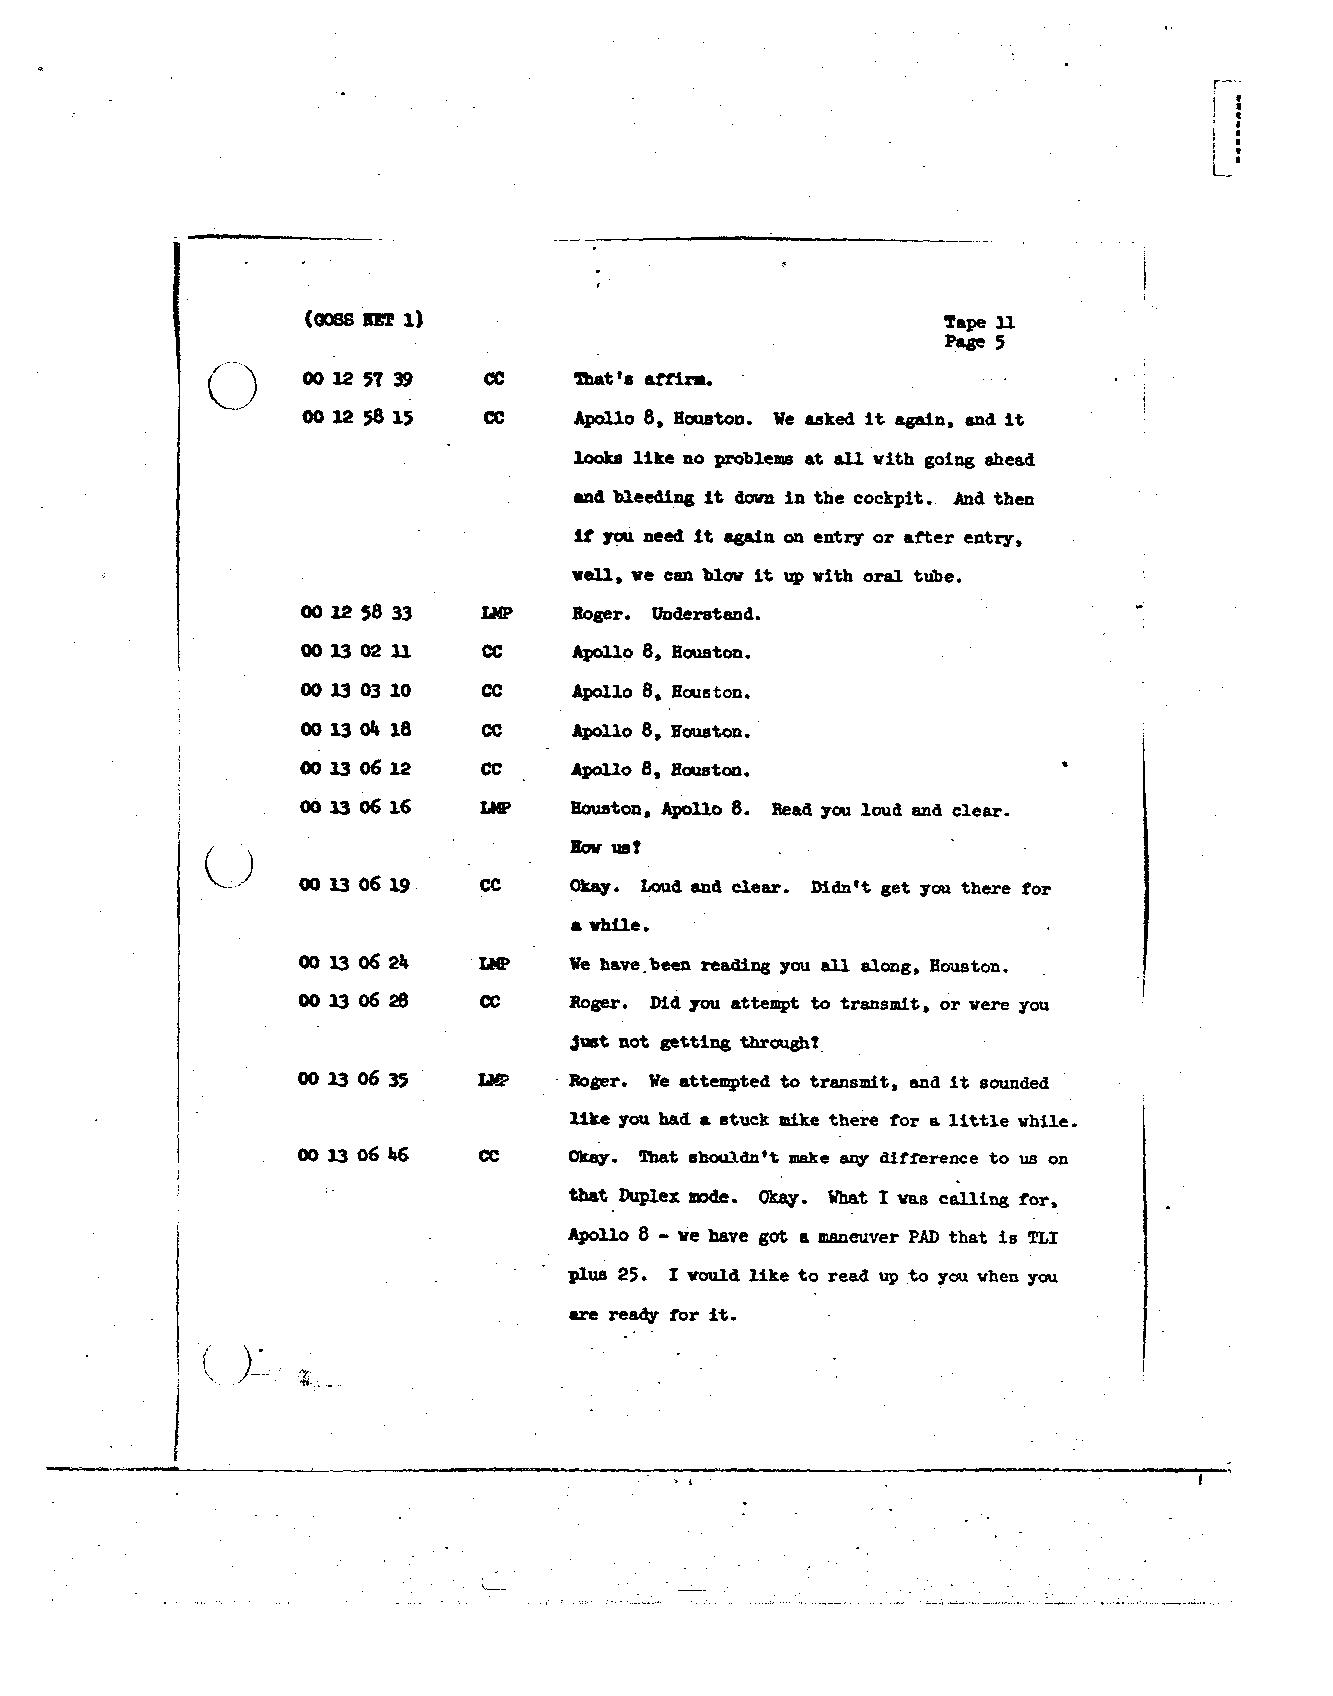 Page 107 of Apollo 8's original transcript